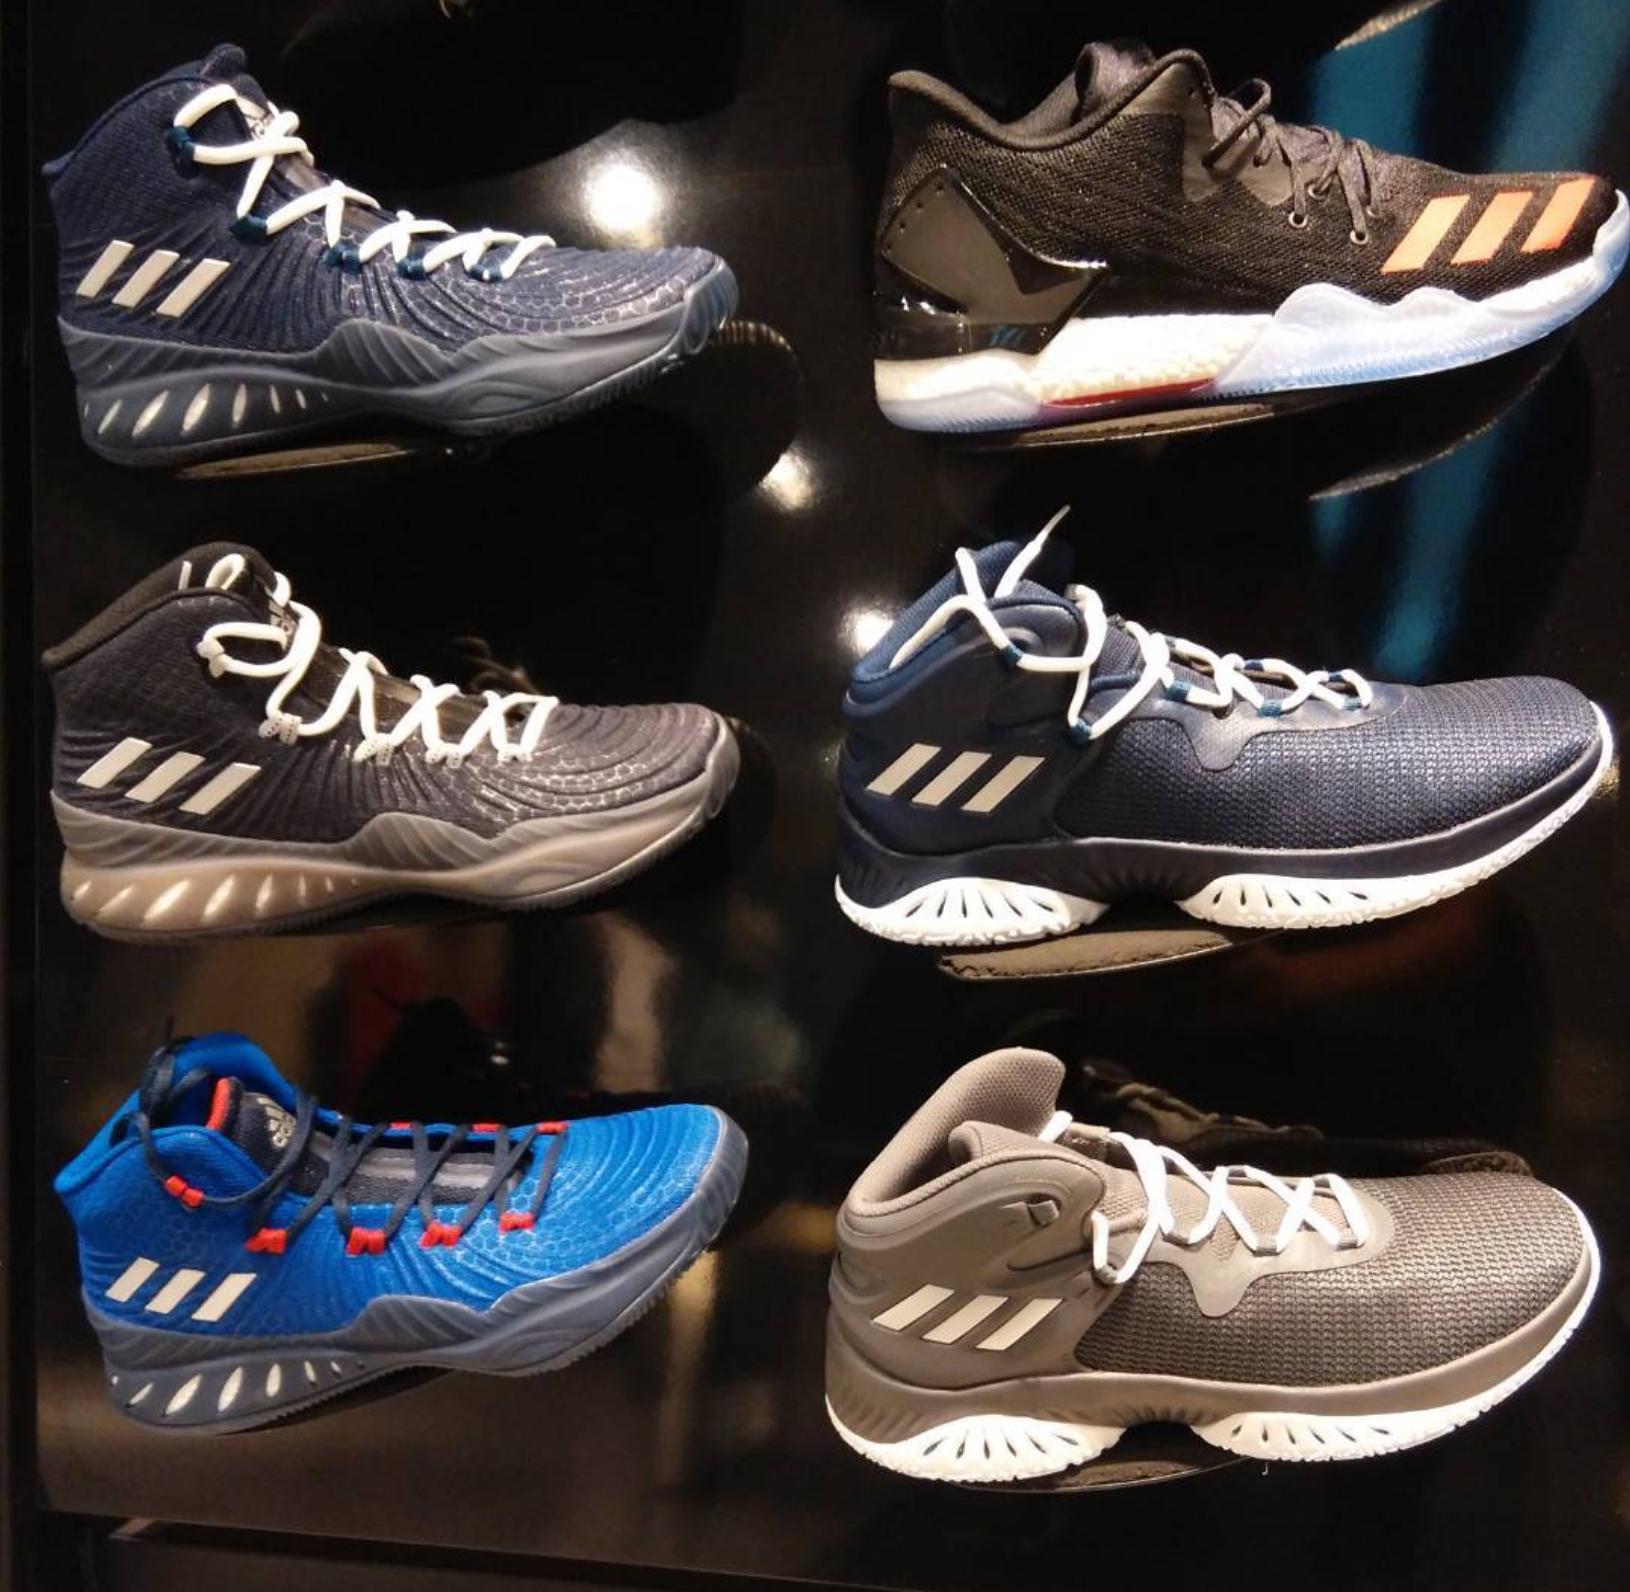 Adidas pazzo esplosivo 1 weartesters